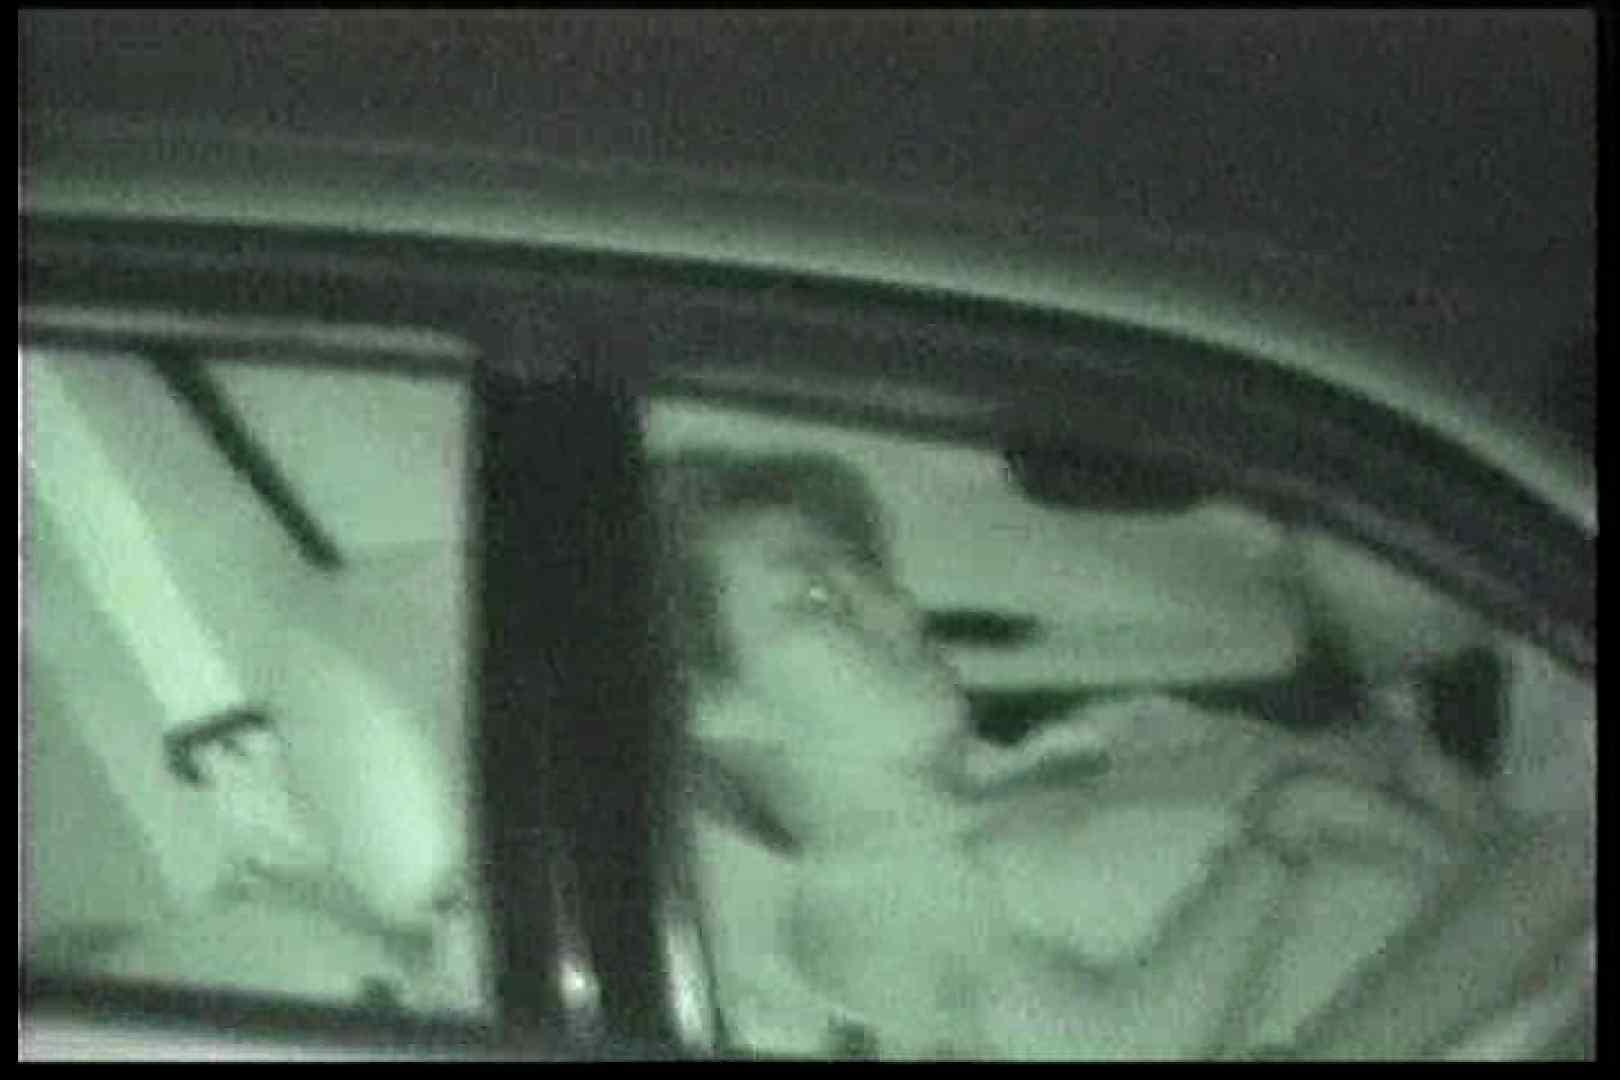 車の中はラブホテル 無修正版  Vol.11 すけべなカップル  86画像 40